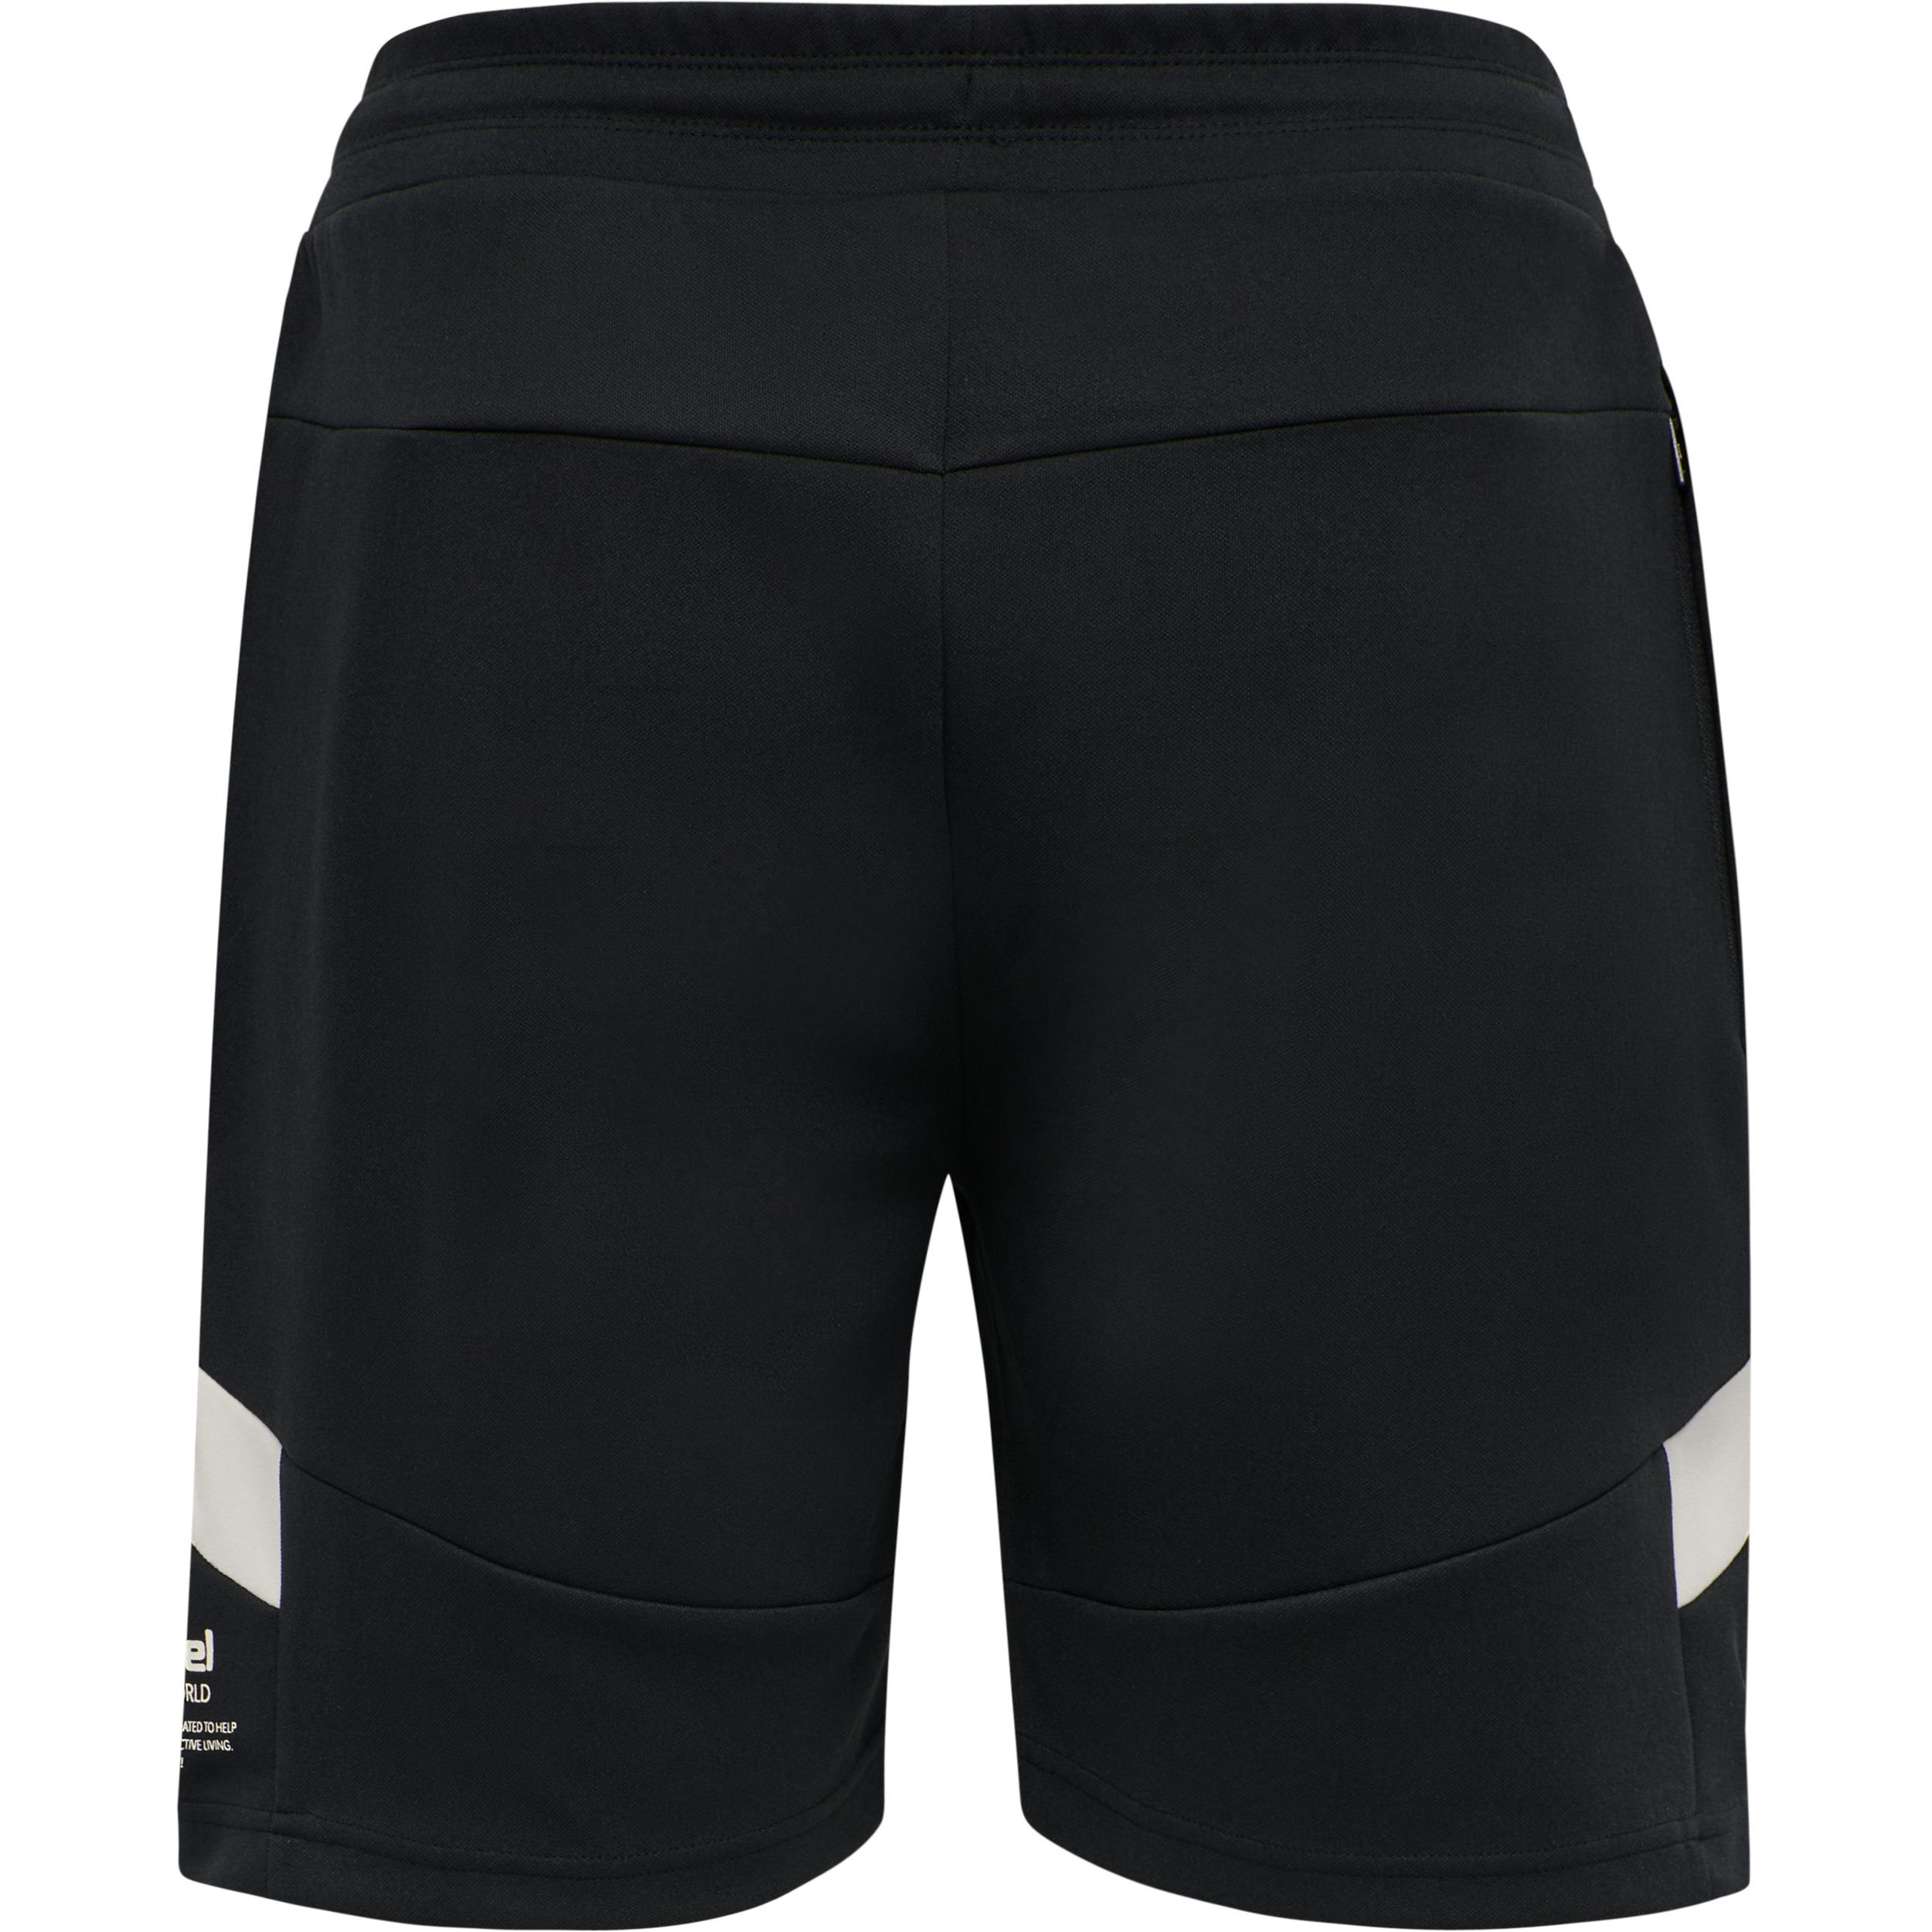 Hummel Lalec shorts, black, small